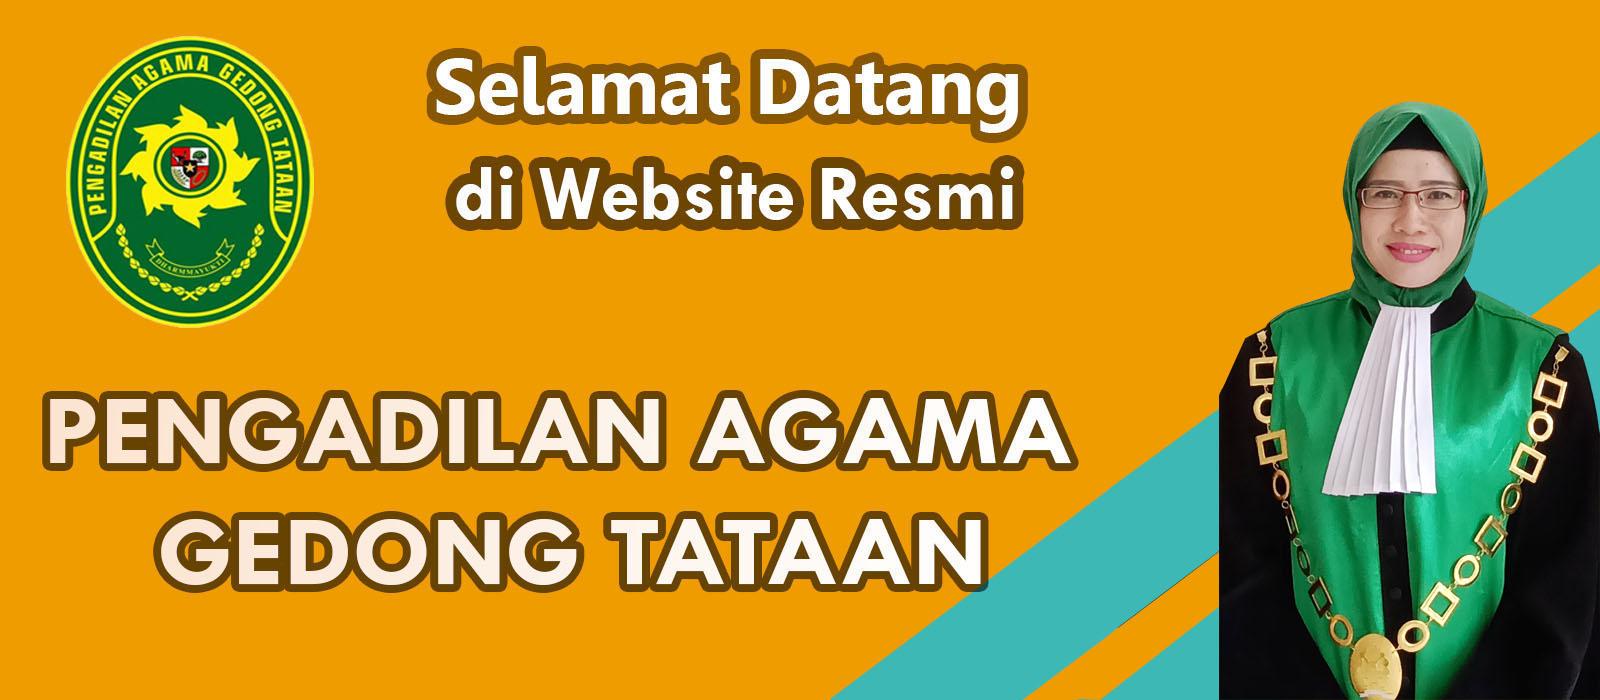 Selamat datang di situs resmi Pengadilan Agama Gedong Tataan